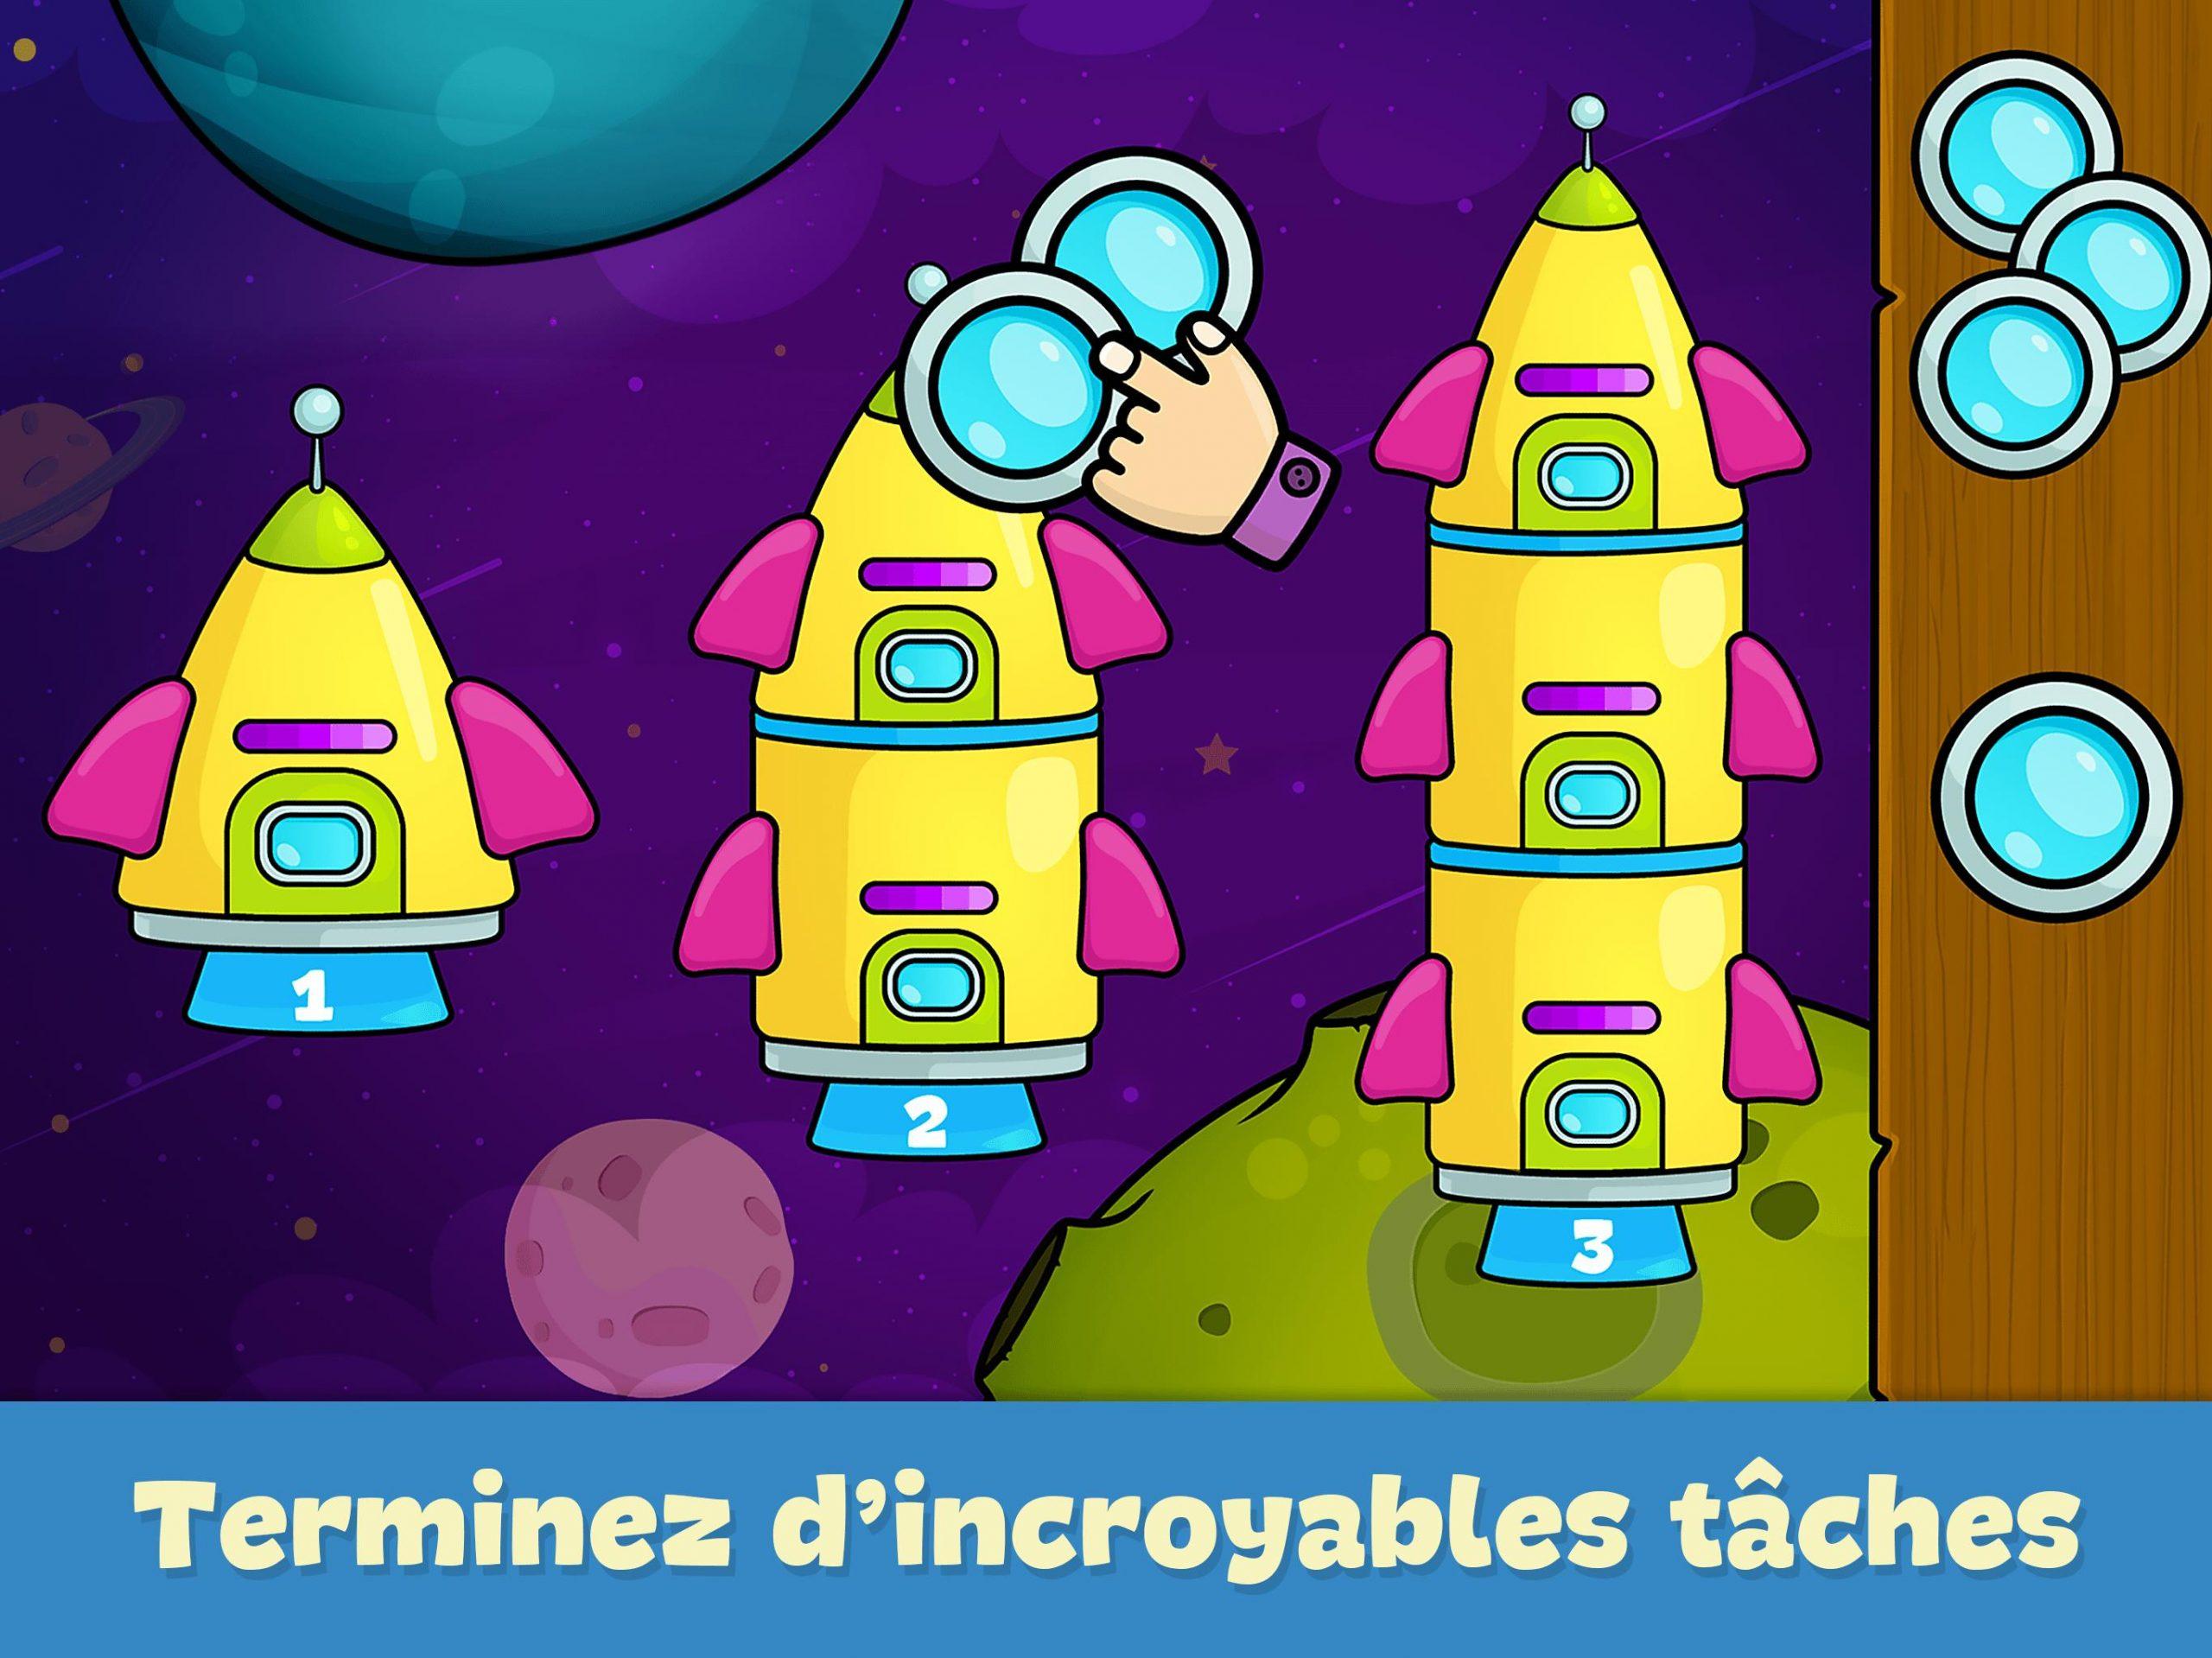 Jeux Pour Enfants 2 - 5 Ans Pour Android - Téléchargez L'apk tout Jeux De Garcon Gratuit 3 Ans ...